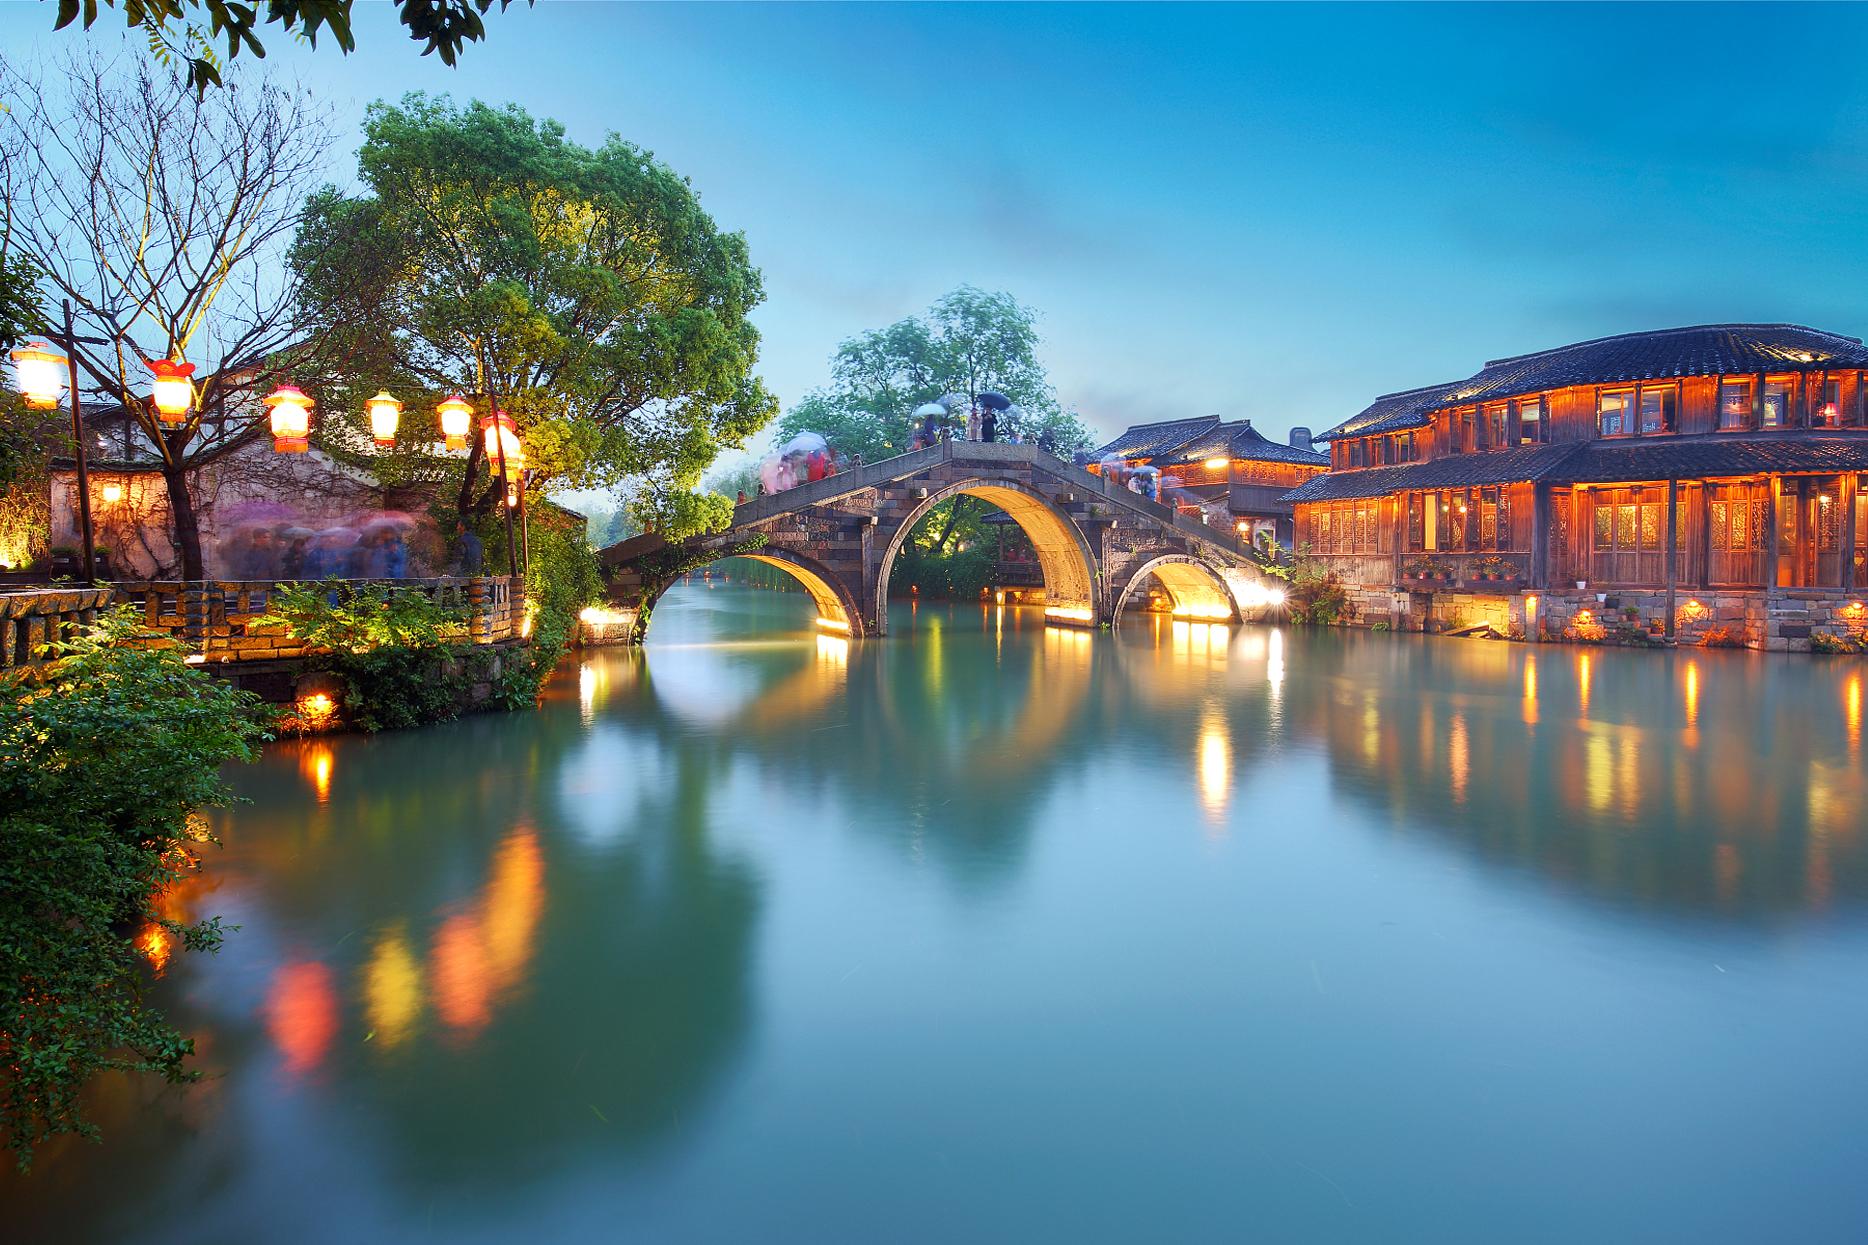 上海、苏州、杭州、乌镇4日深度游国际豪华酒店 夜宿乌镇 餐标50元 接送一条龙